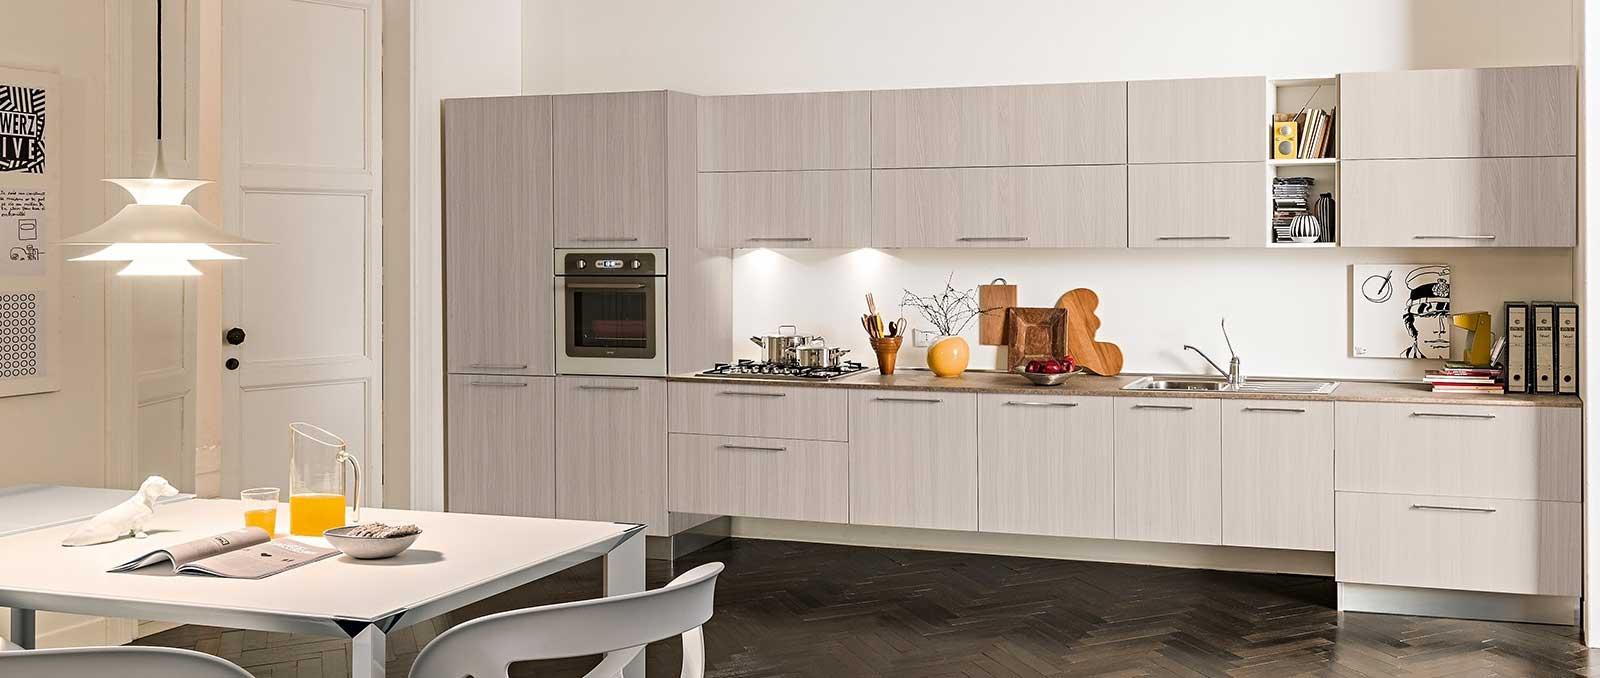 Cuisine linéaire au design à l'italienne, avec meubles suspendus, poignées horizontales et fil de bois vertical.